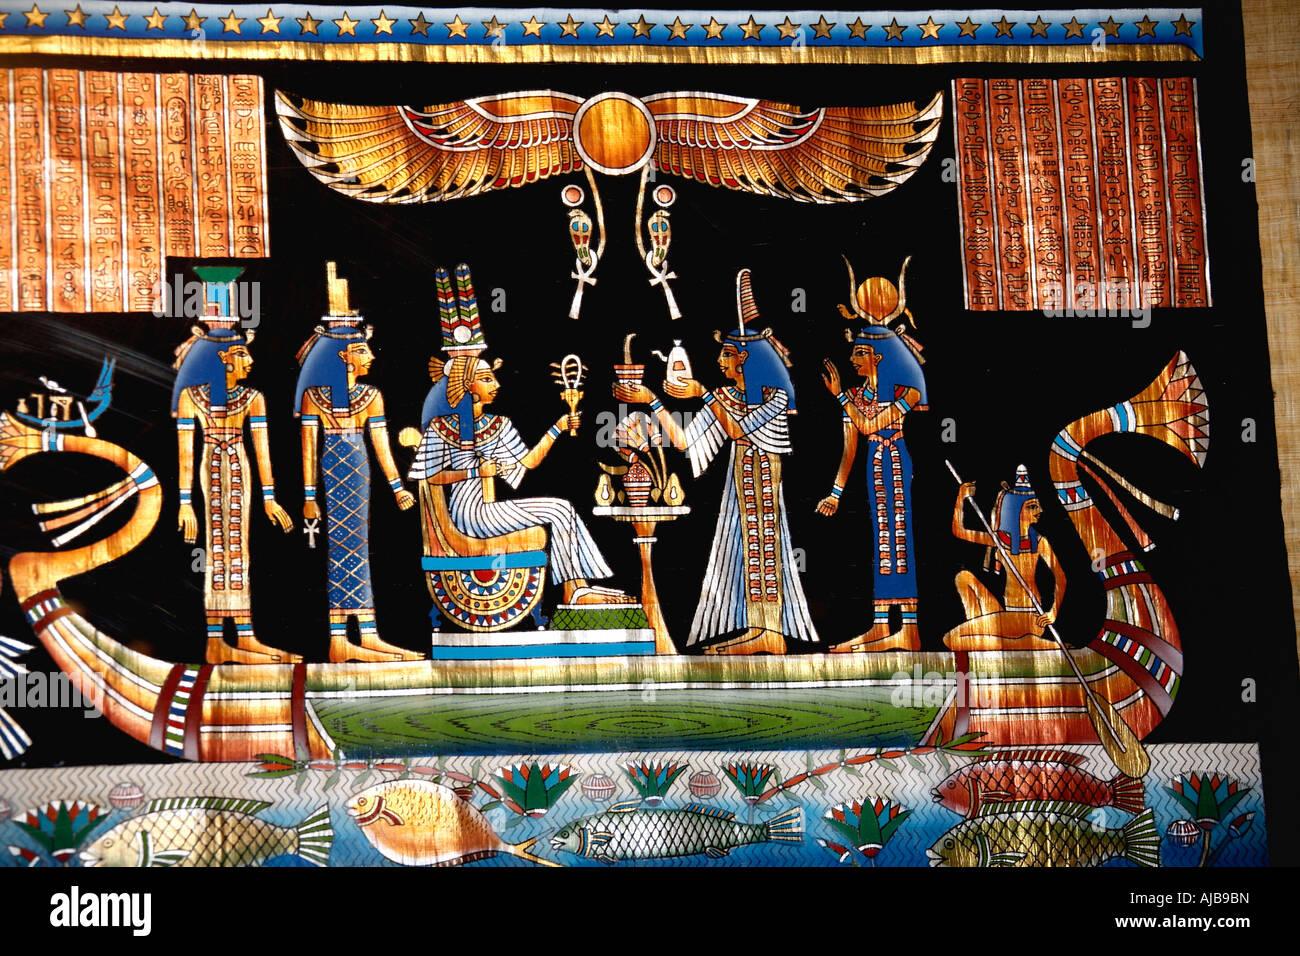 Schönes Beispiel für Papyrus Gemälde Kunst Galerie Kairo Ägypten Afrika Stockbild